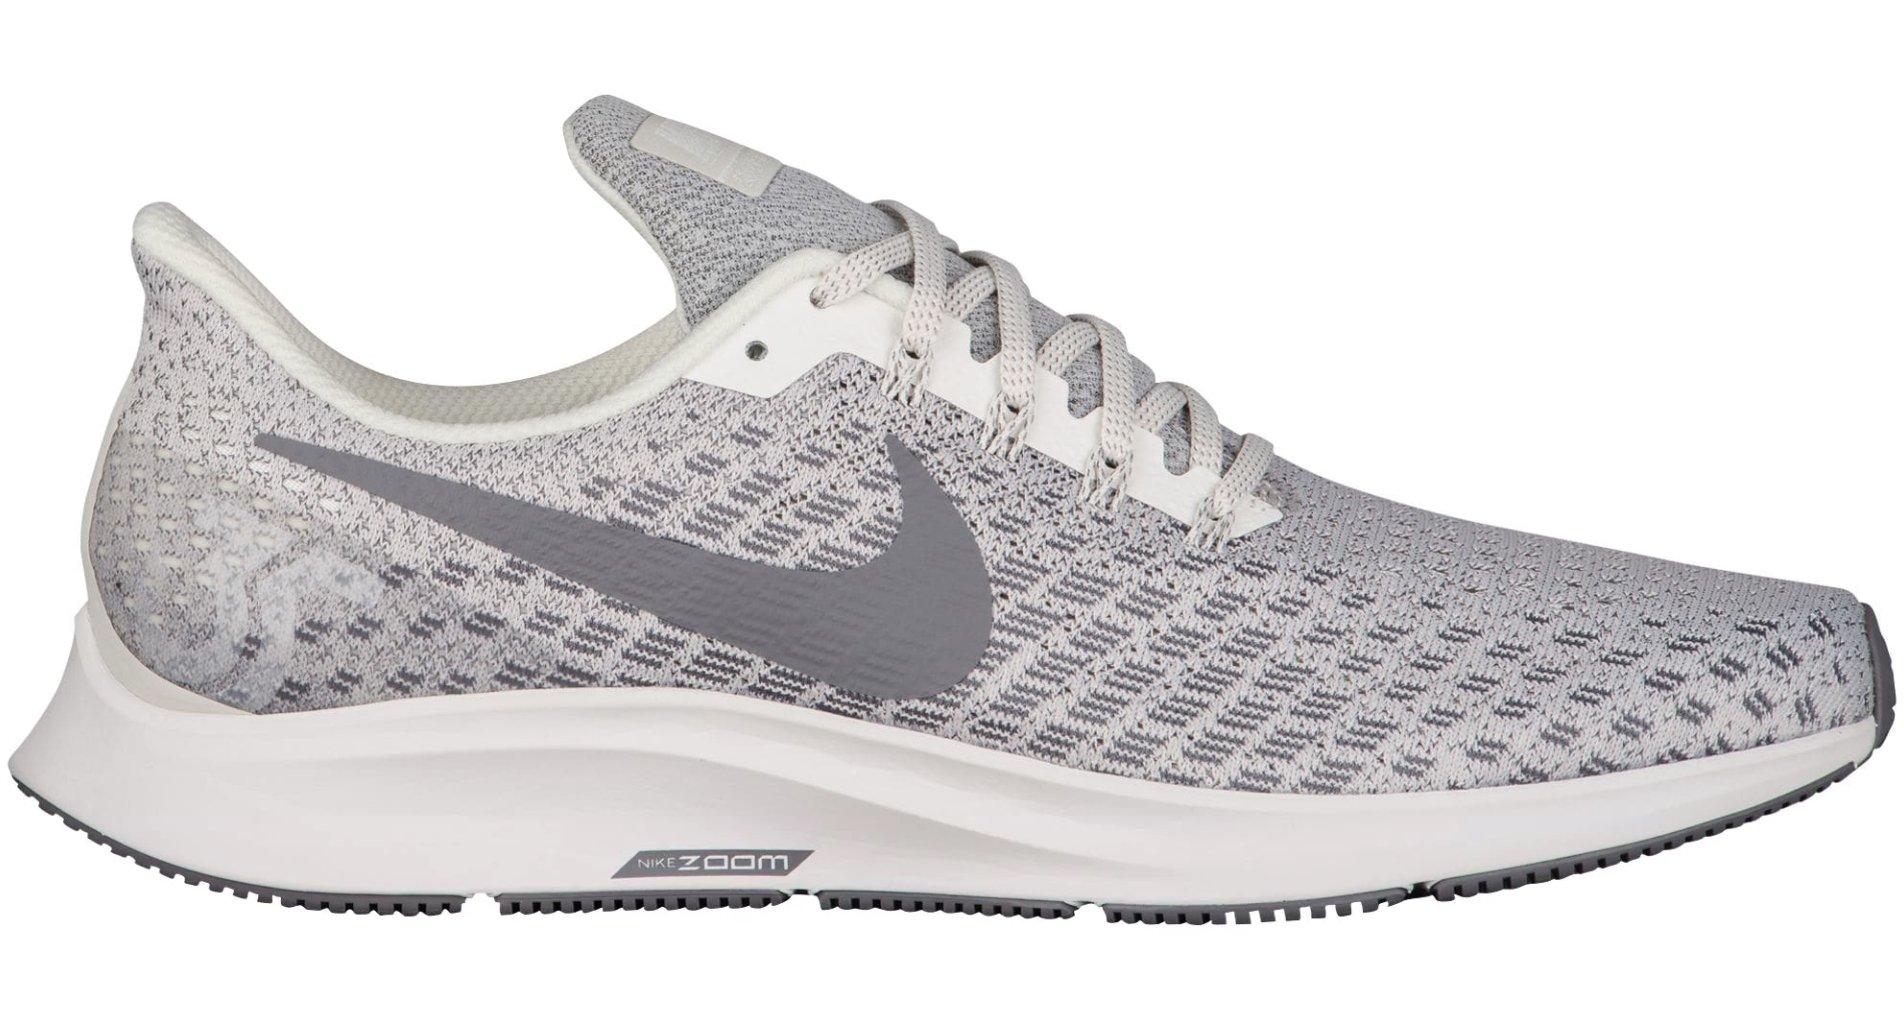 Nike Air Zoom Pegasus 35 Mens 942851-004 Size 6